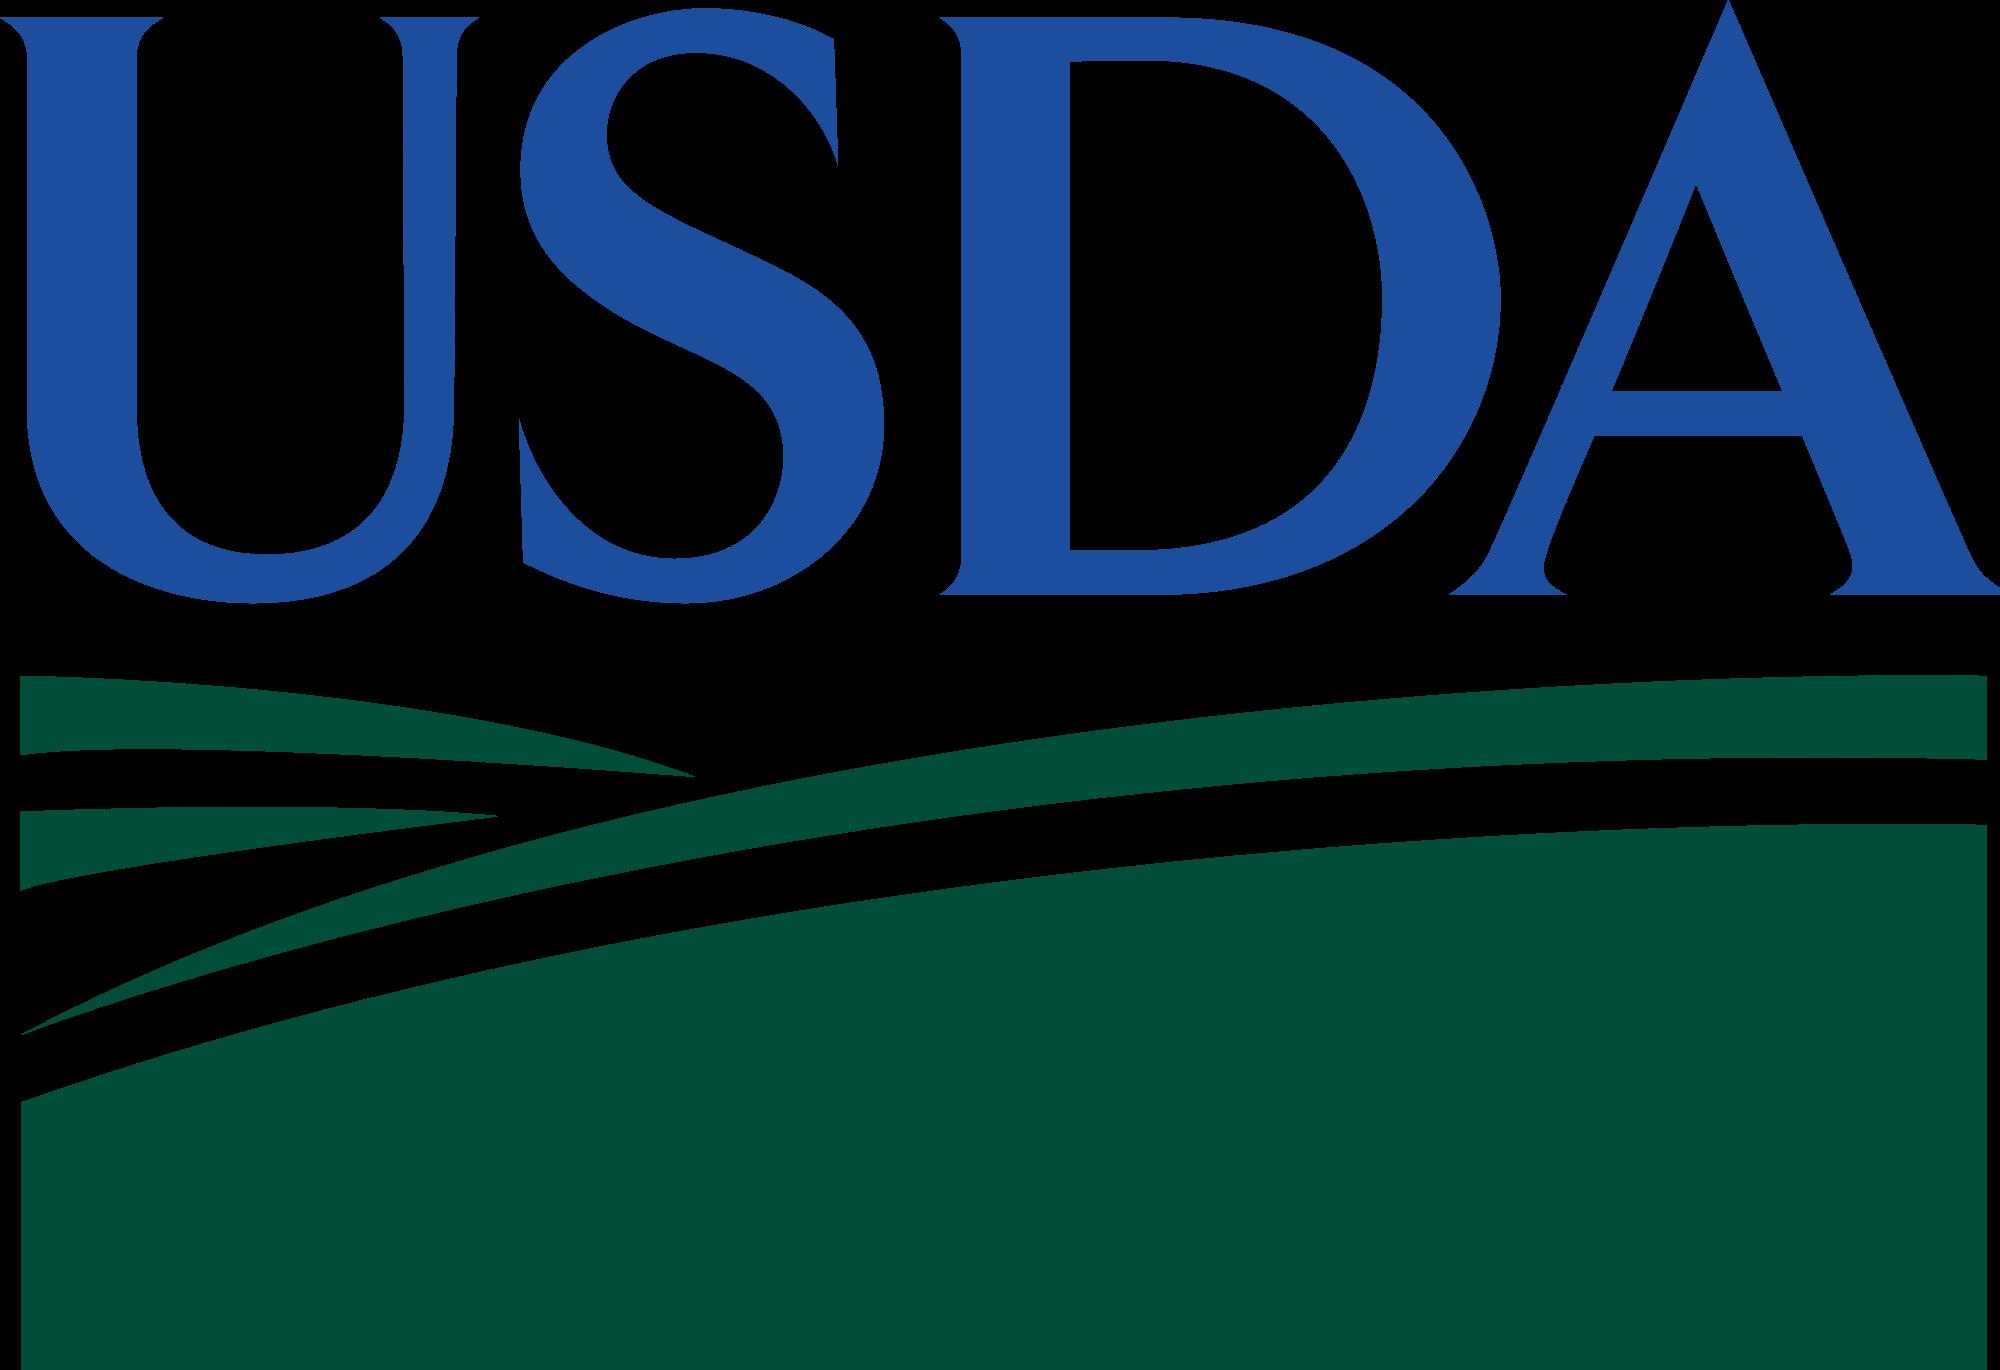 USDA_logo (1)